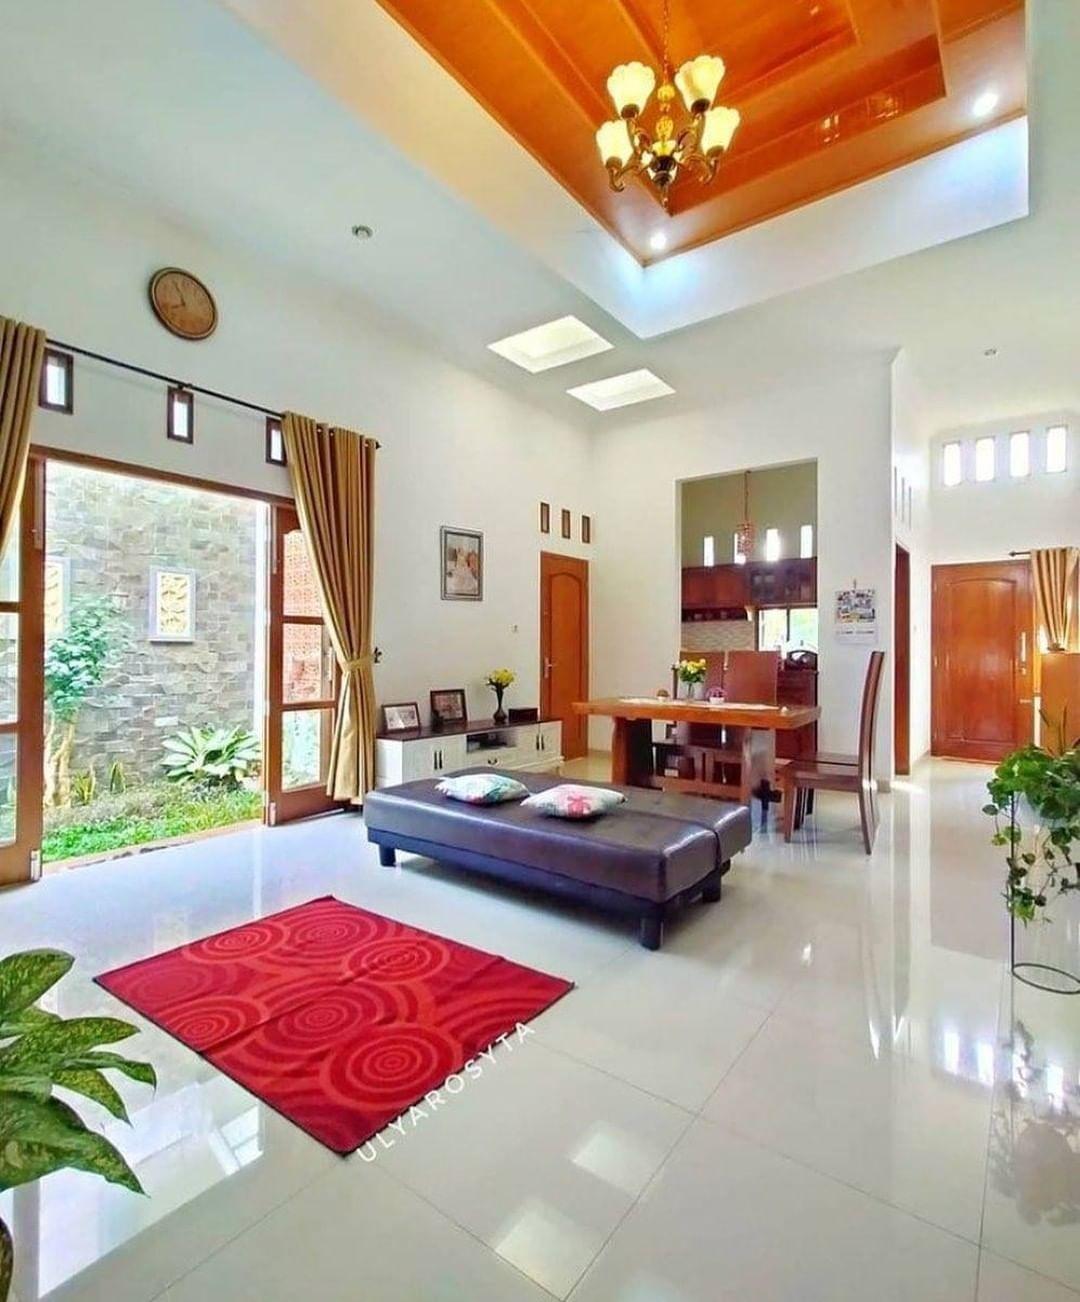 Desain Interior Rumah Minimalis_8